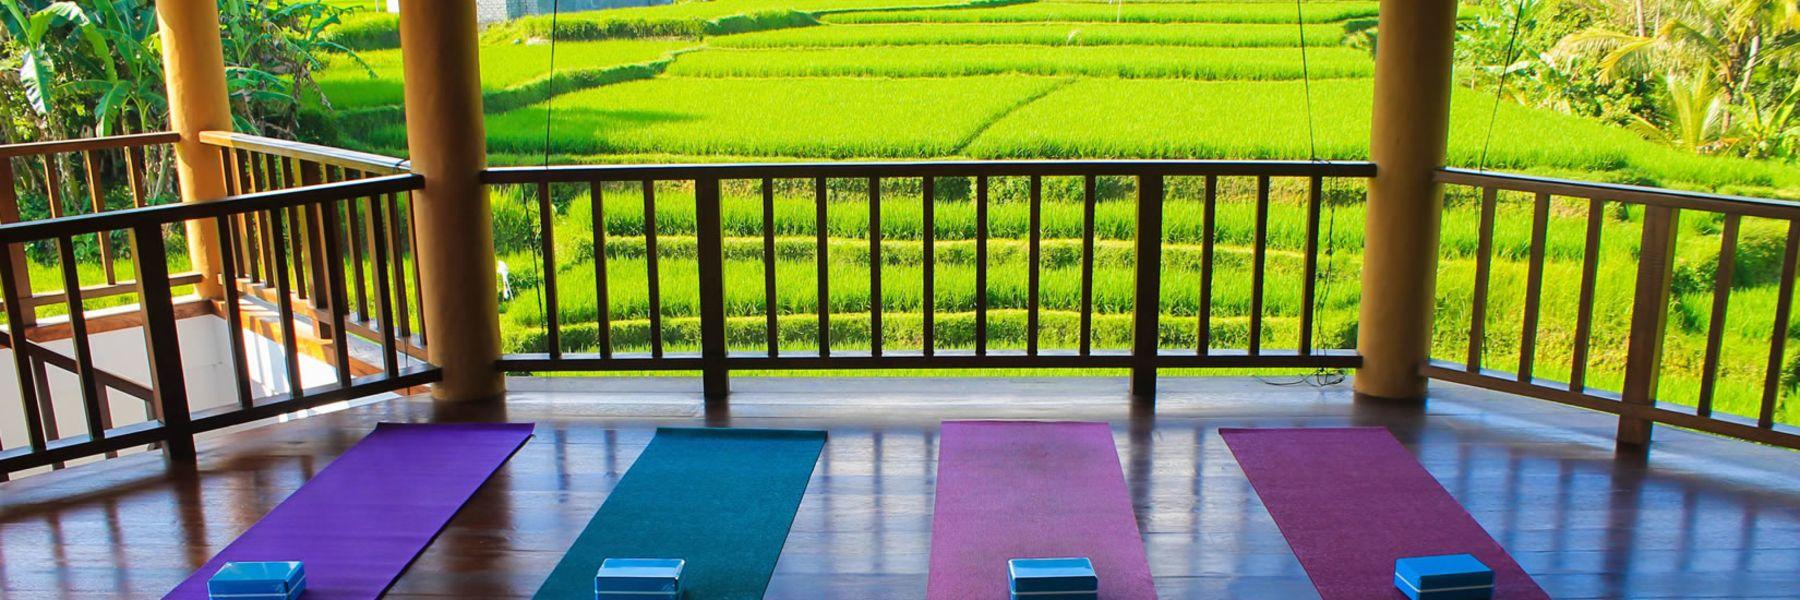 Ubud Yoga House image